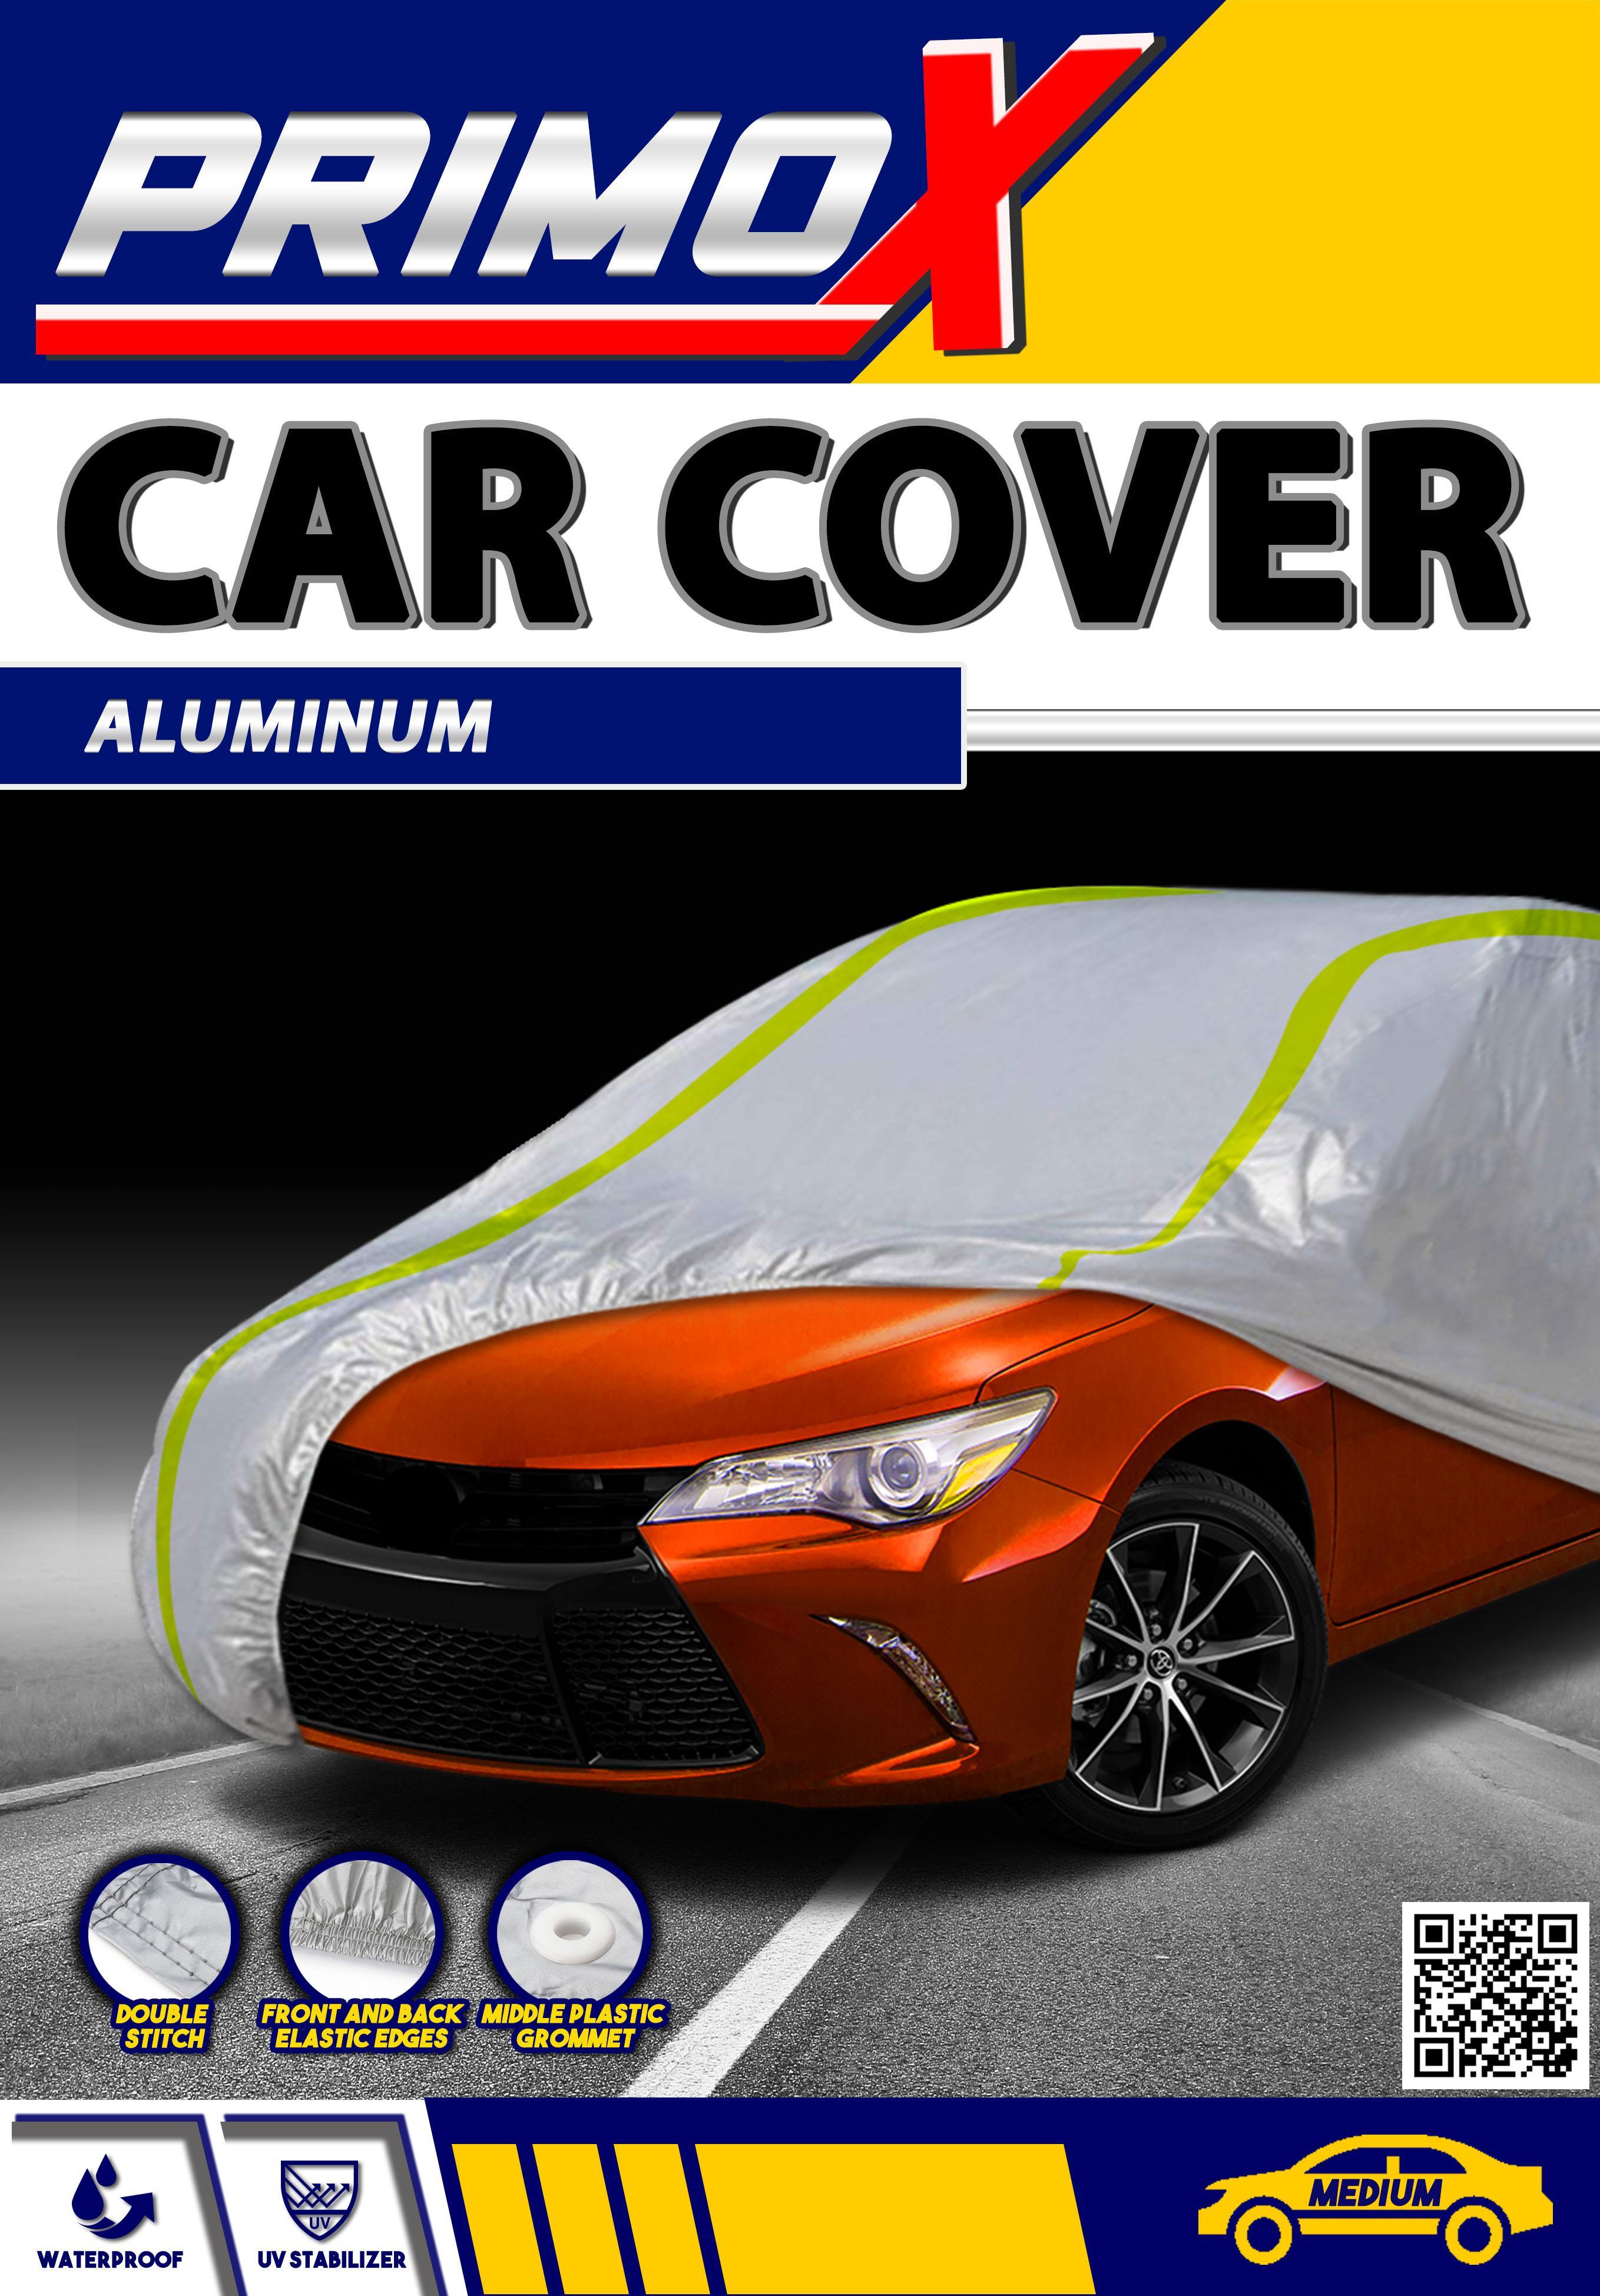 Waterproof Aluminum Car Cover for Medium Cars